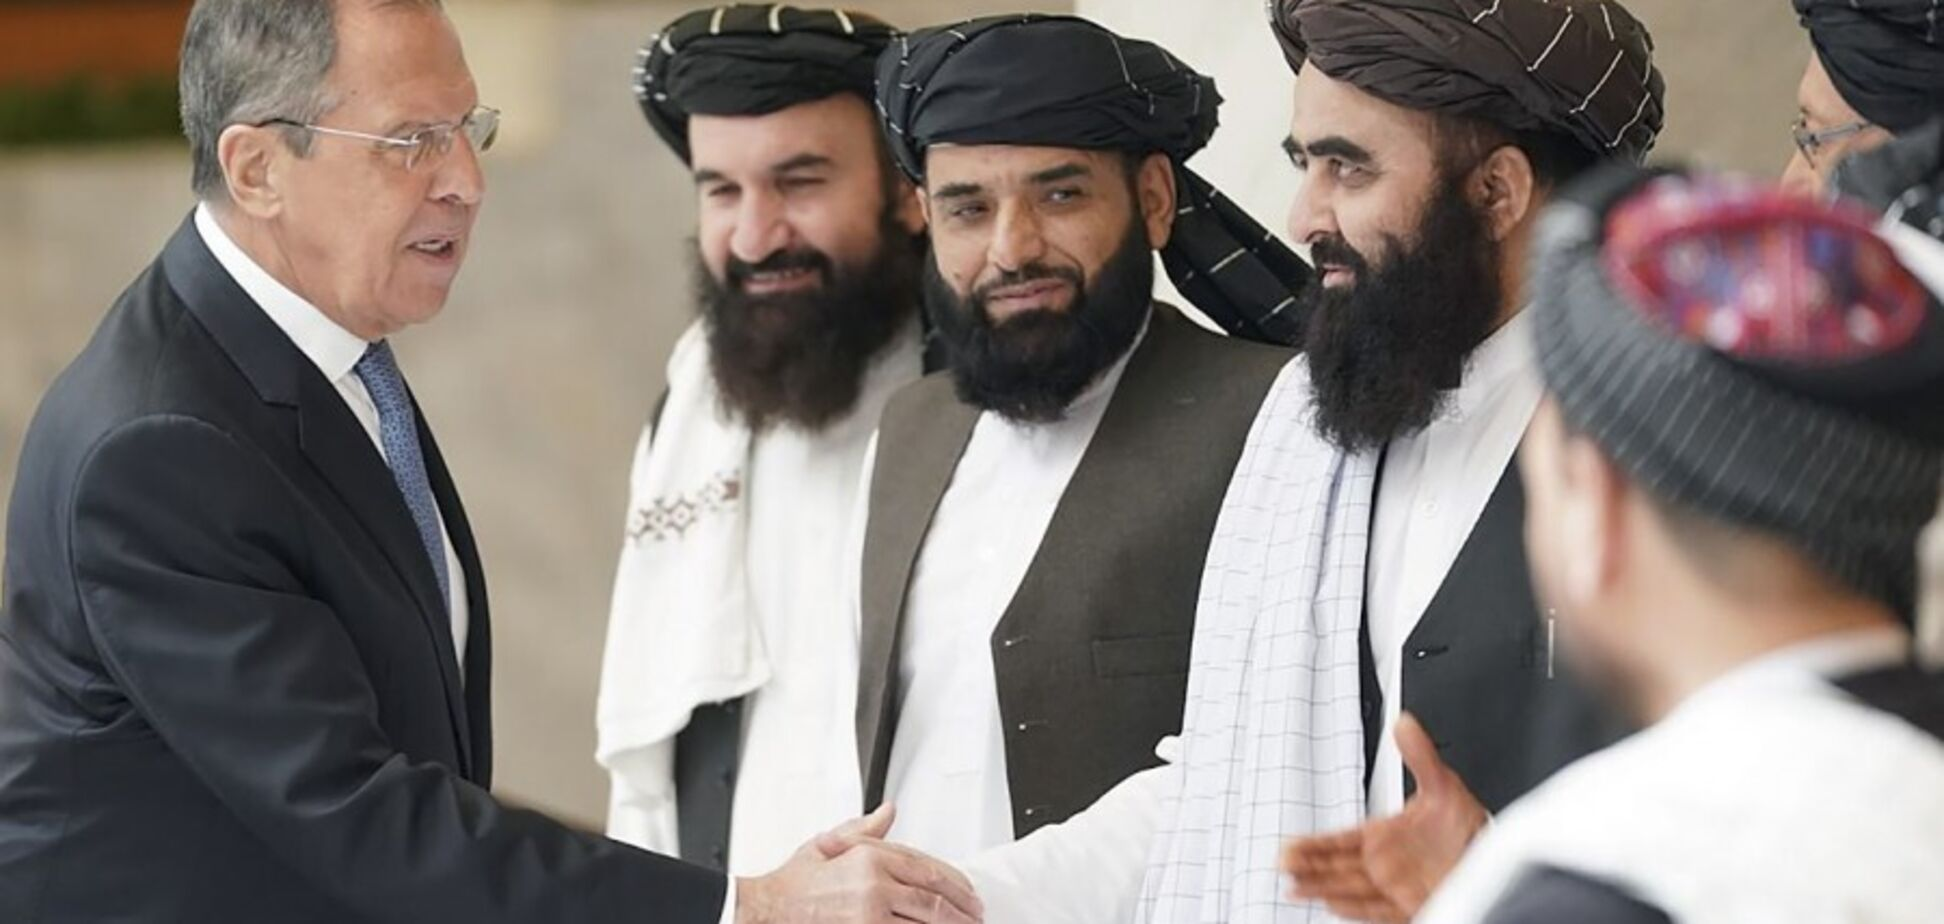 Росія себе видає, лобіюючи 'Талібан'